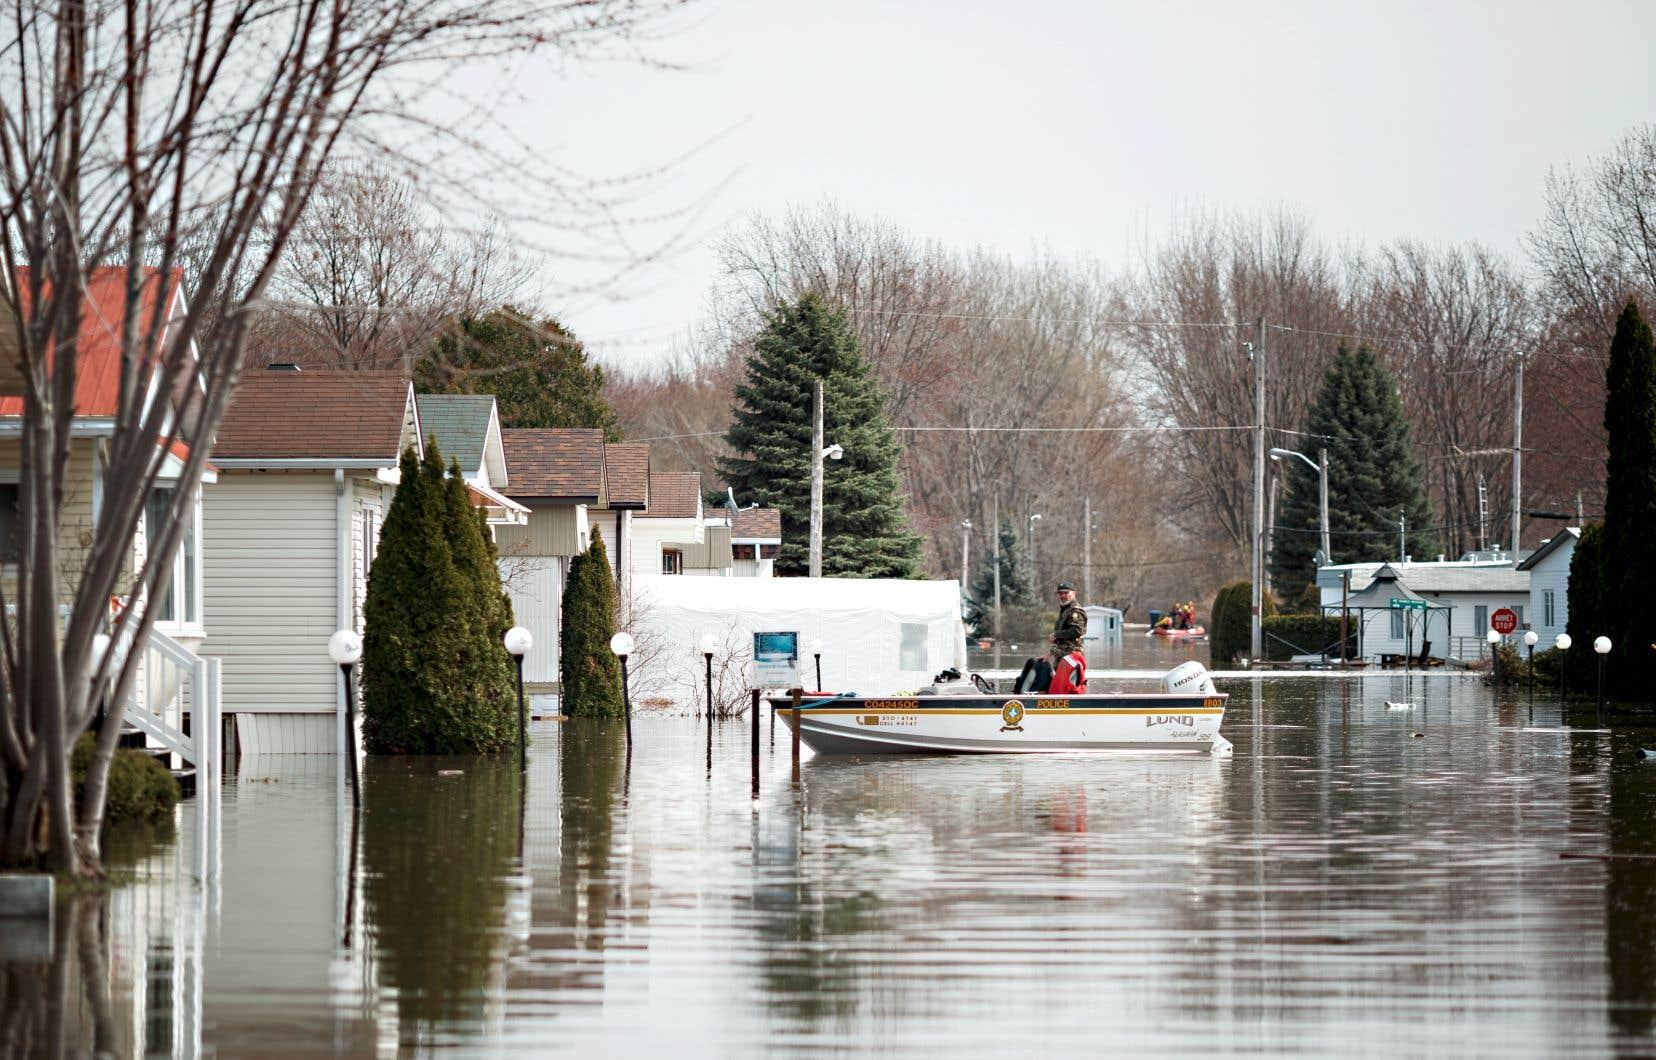 En 2019, 6000 sinistrés avaient été évacués quand le bris d'une digue avait inondé une partie de Sainte-Marthe-sur-le-Lac.